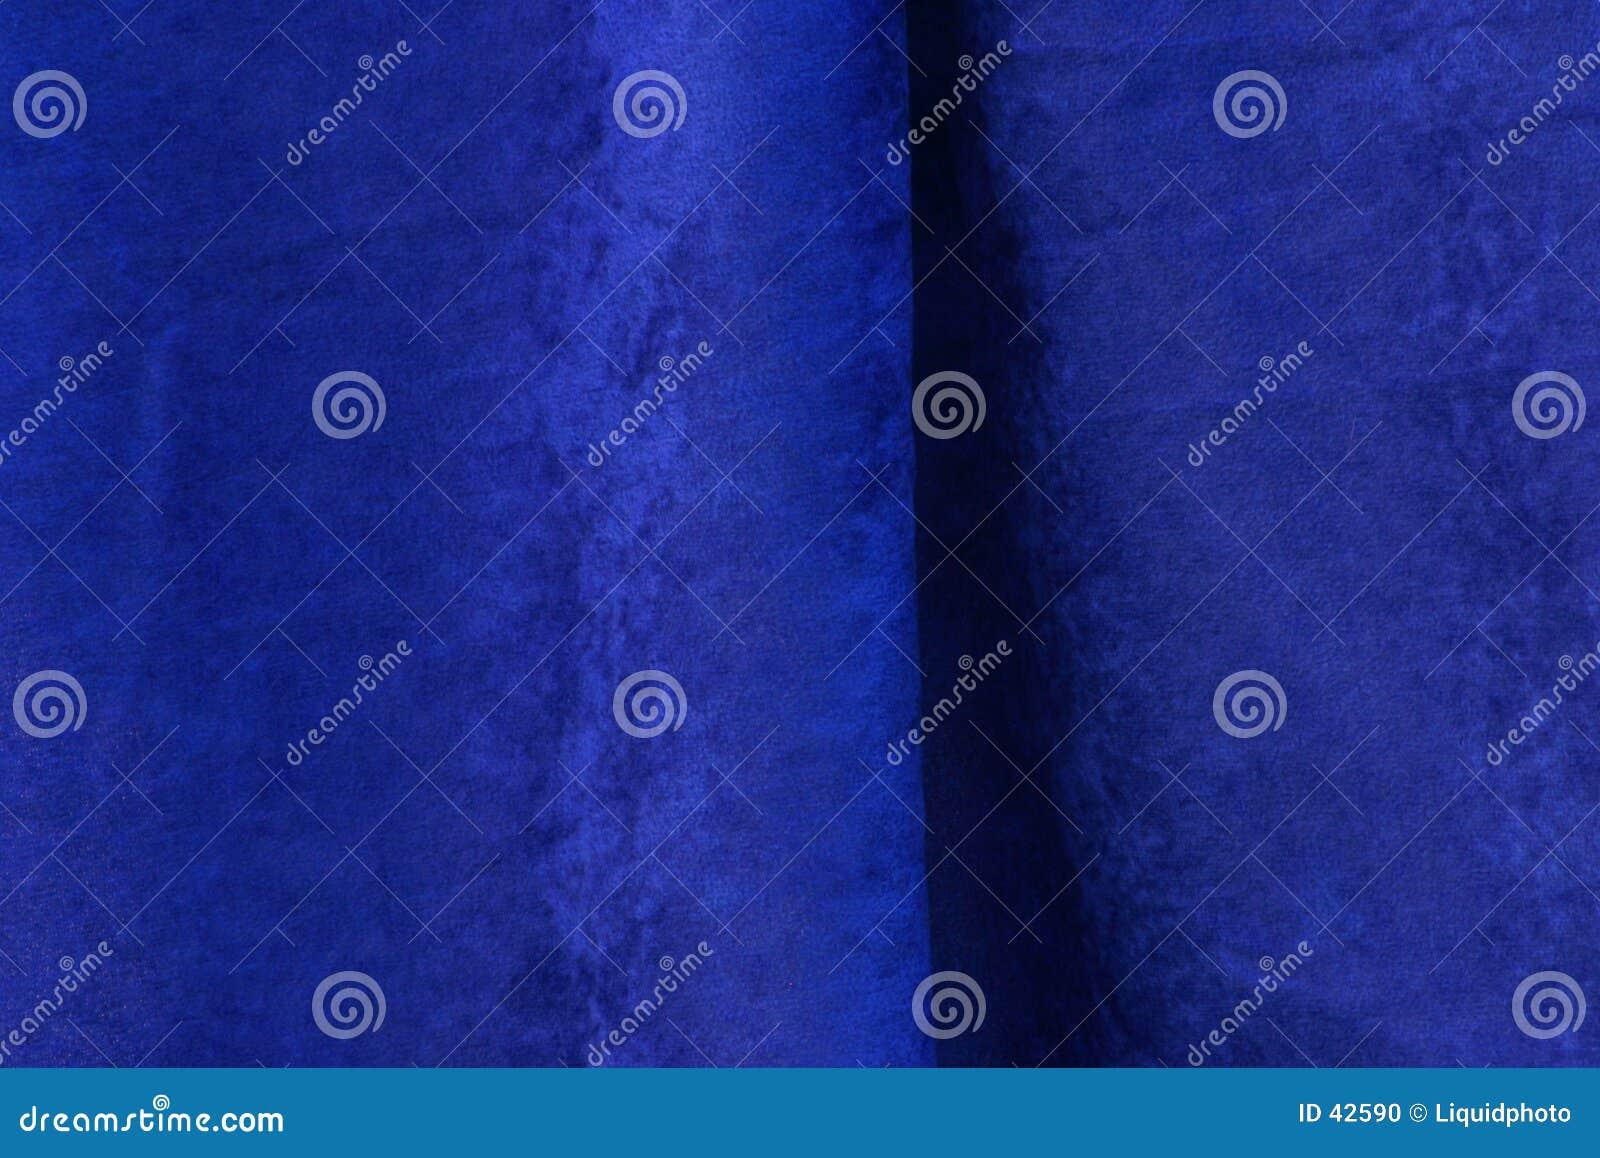 Błękitny aksamit tekstury tkaniny